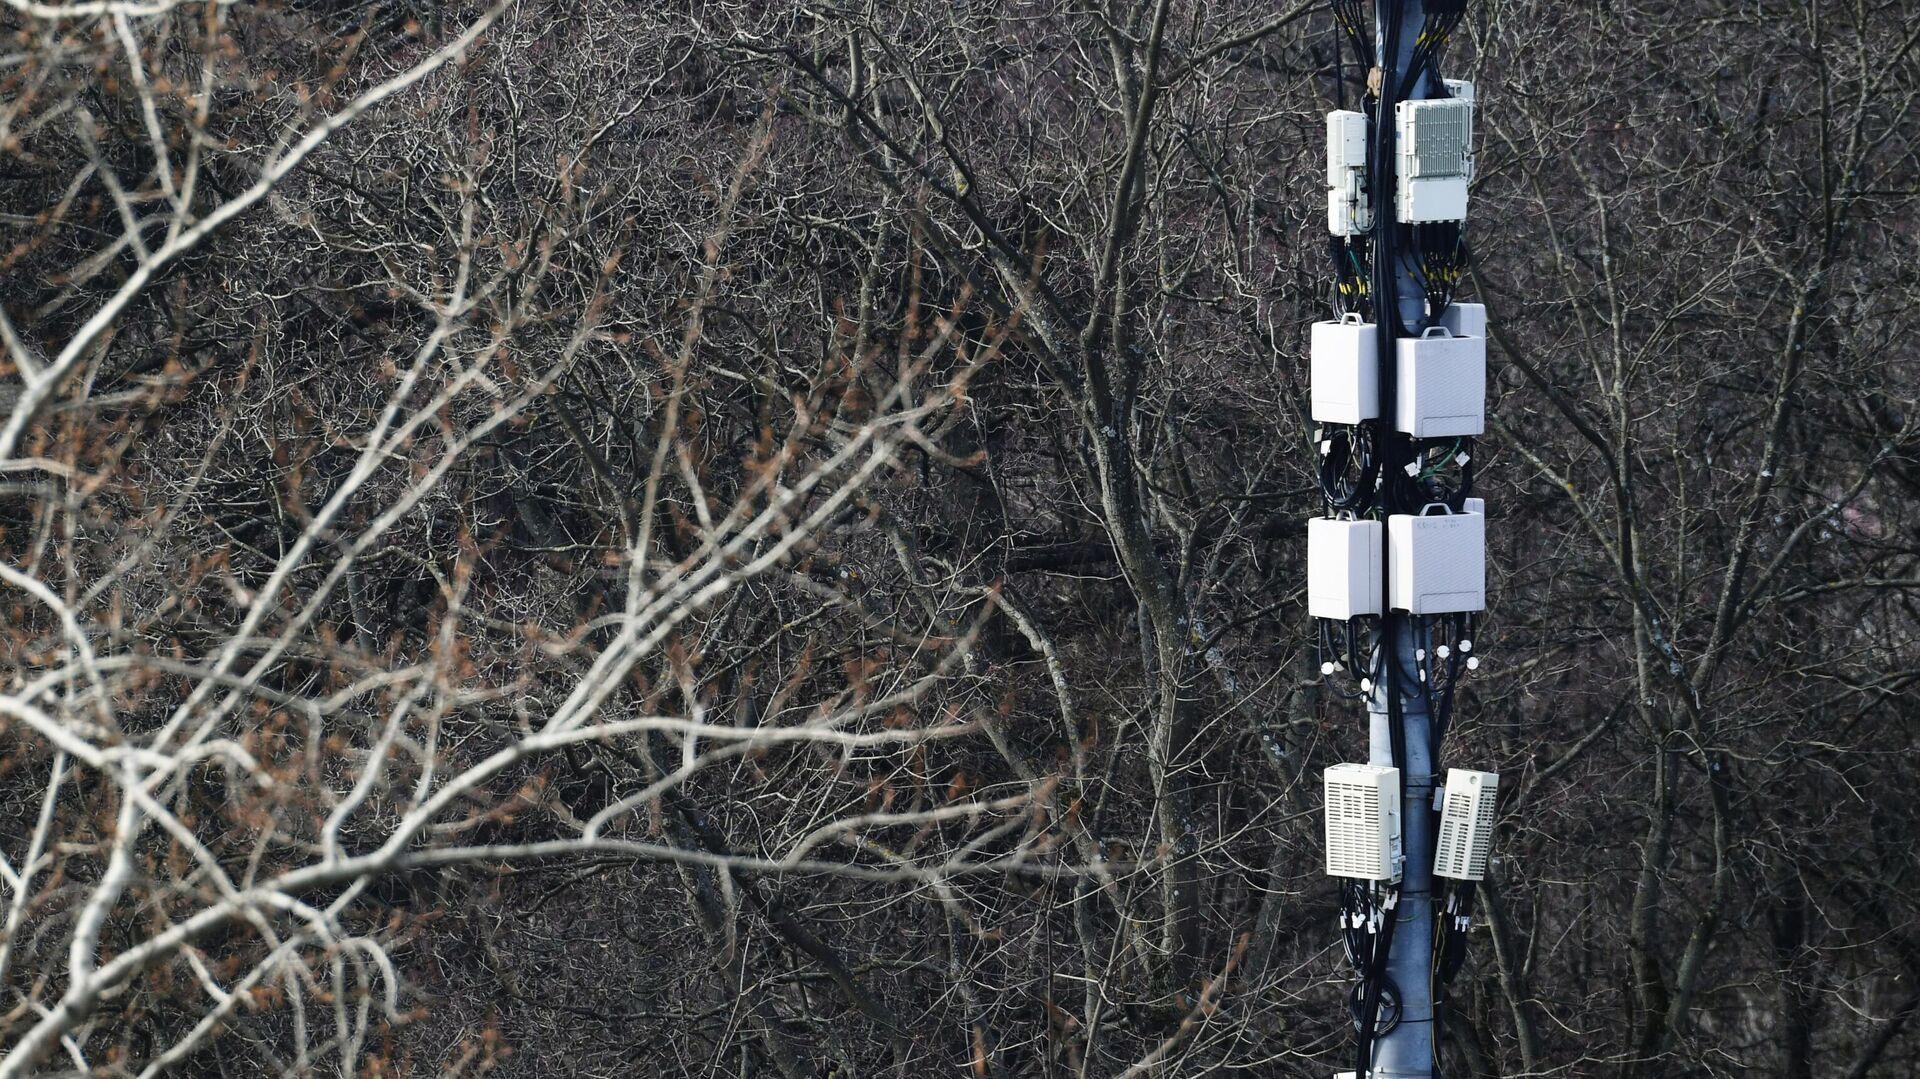 Мачта базовой станции у сквера в Москве - РИА Новости, 1920, 14.05.2020